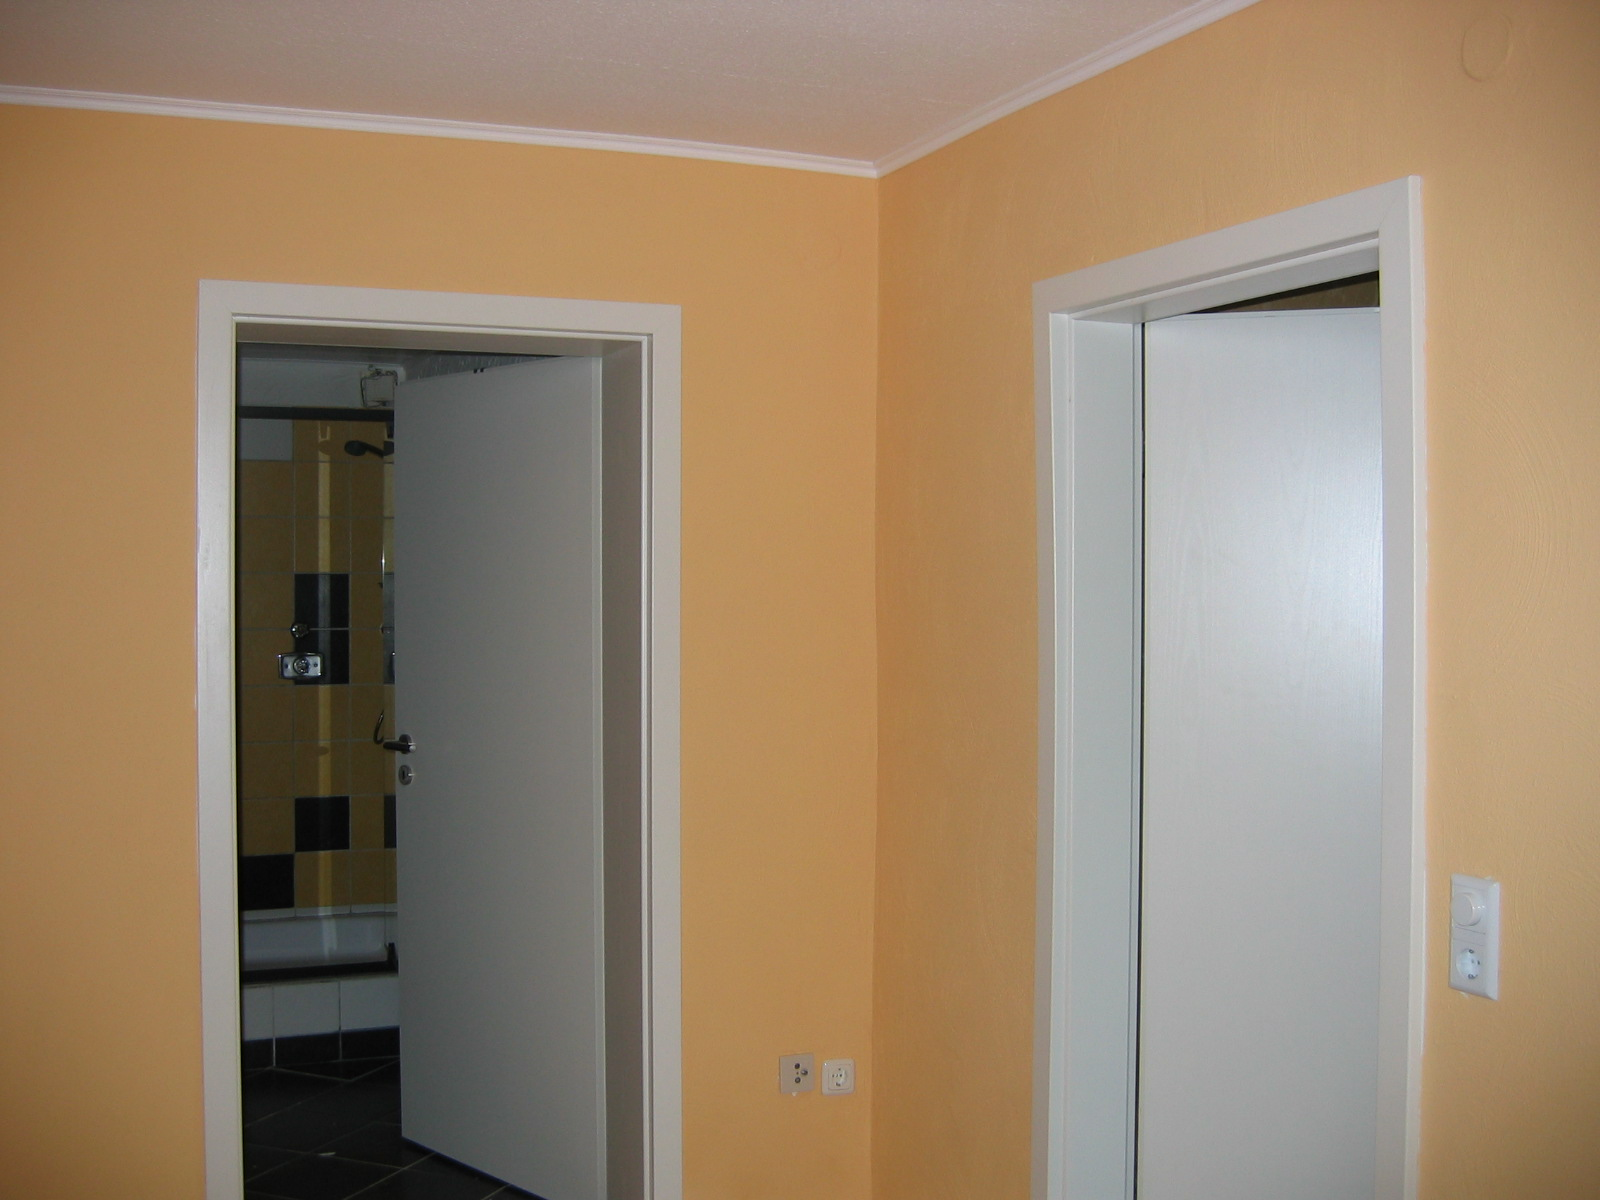 Renovierung schlafzimmer schlafzimmer renovierung